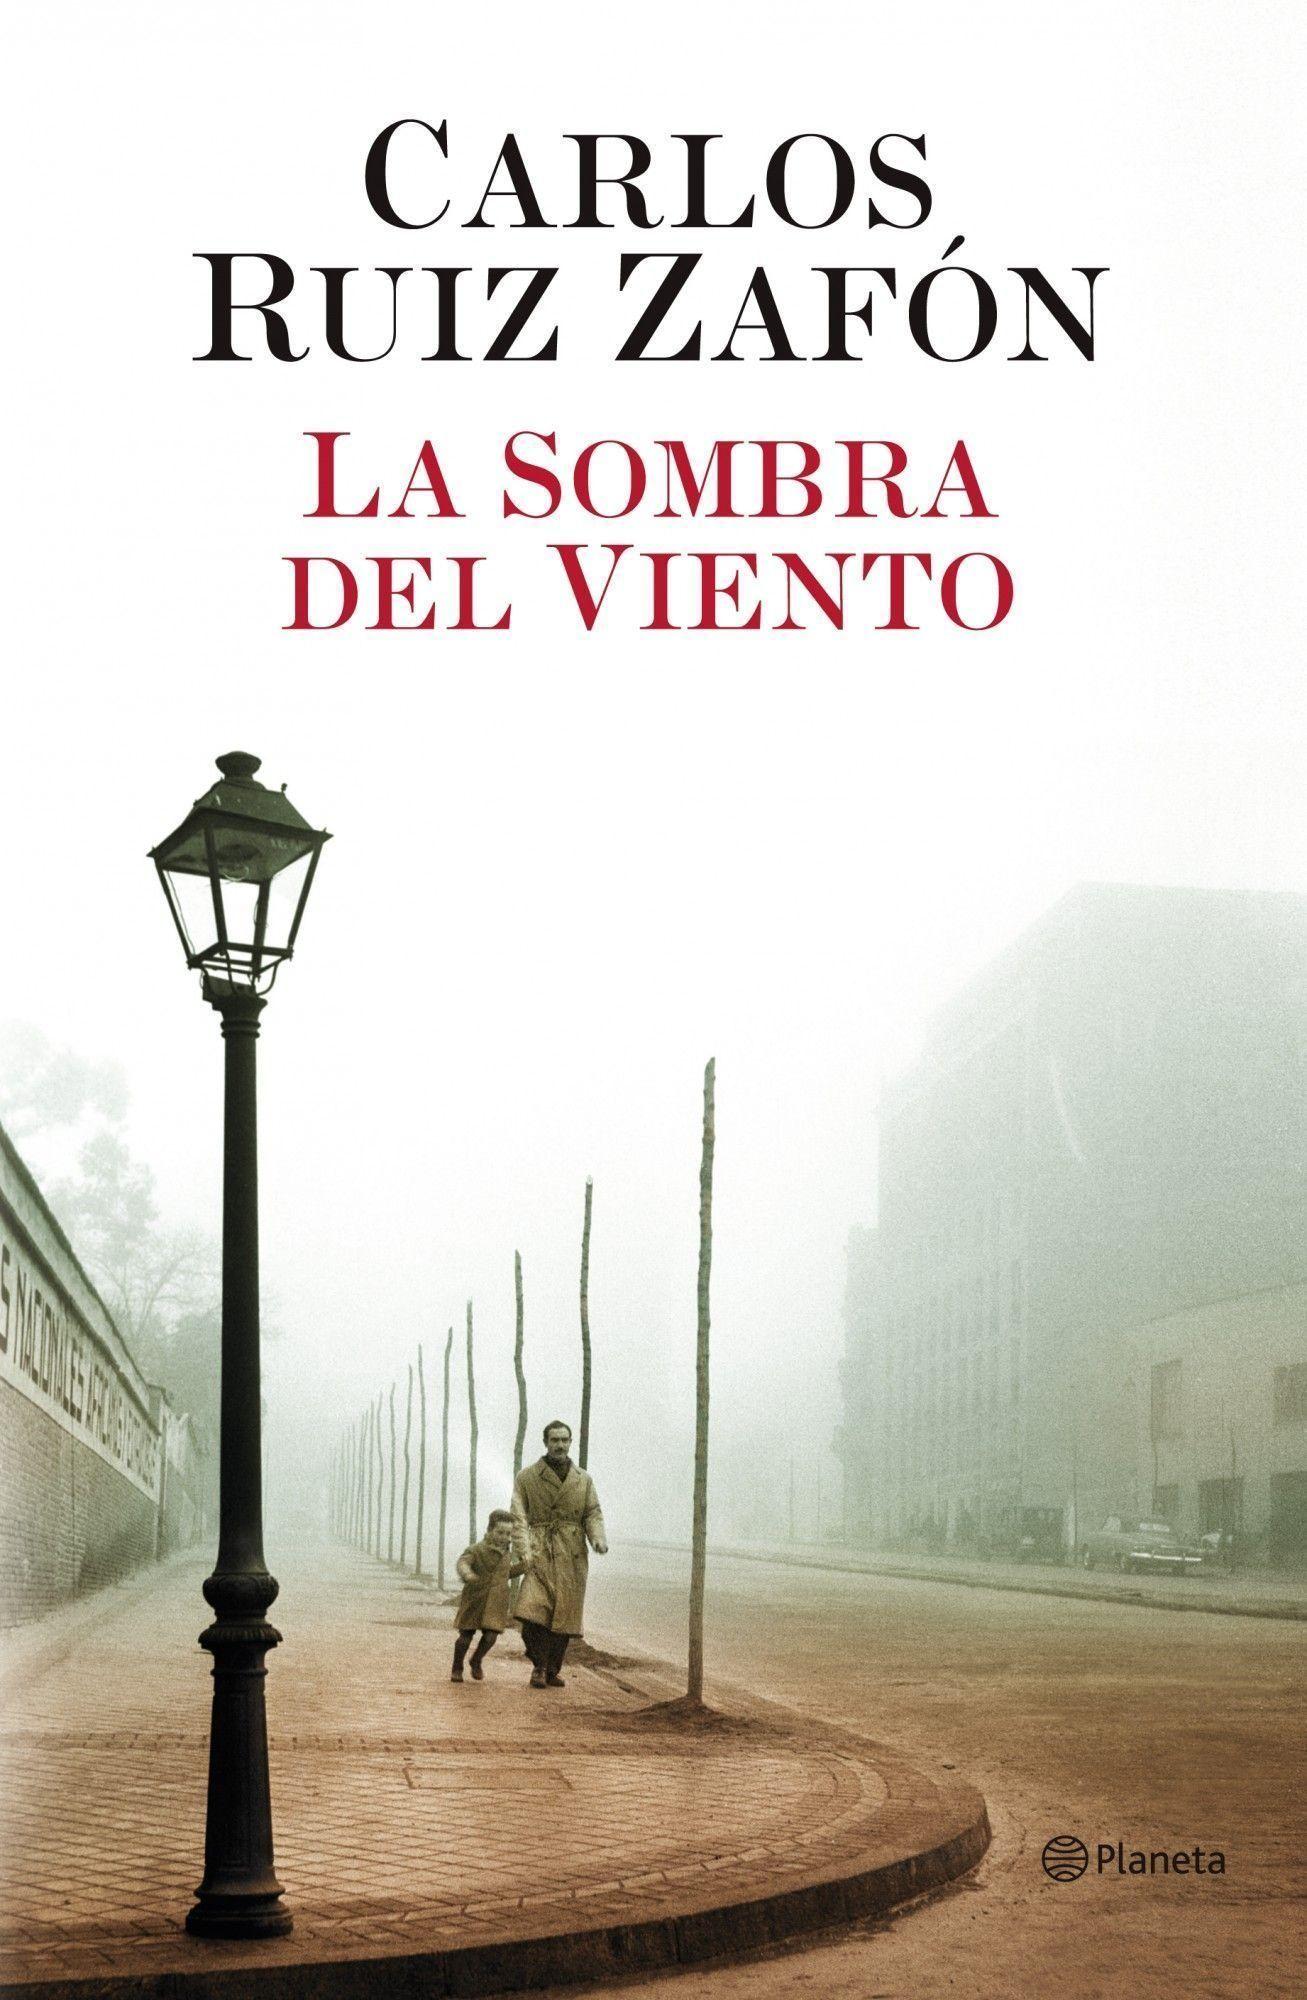 Frases del libro La sombra del viento de Carlos Ruiz Zafón - Entrada subida al blog: 7 de Diciembre de 2016 #Frasesdelibros #UnaChicadelmontón